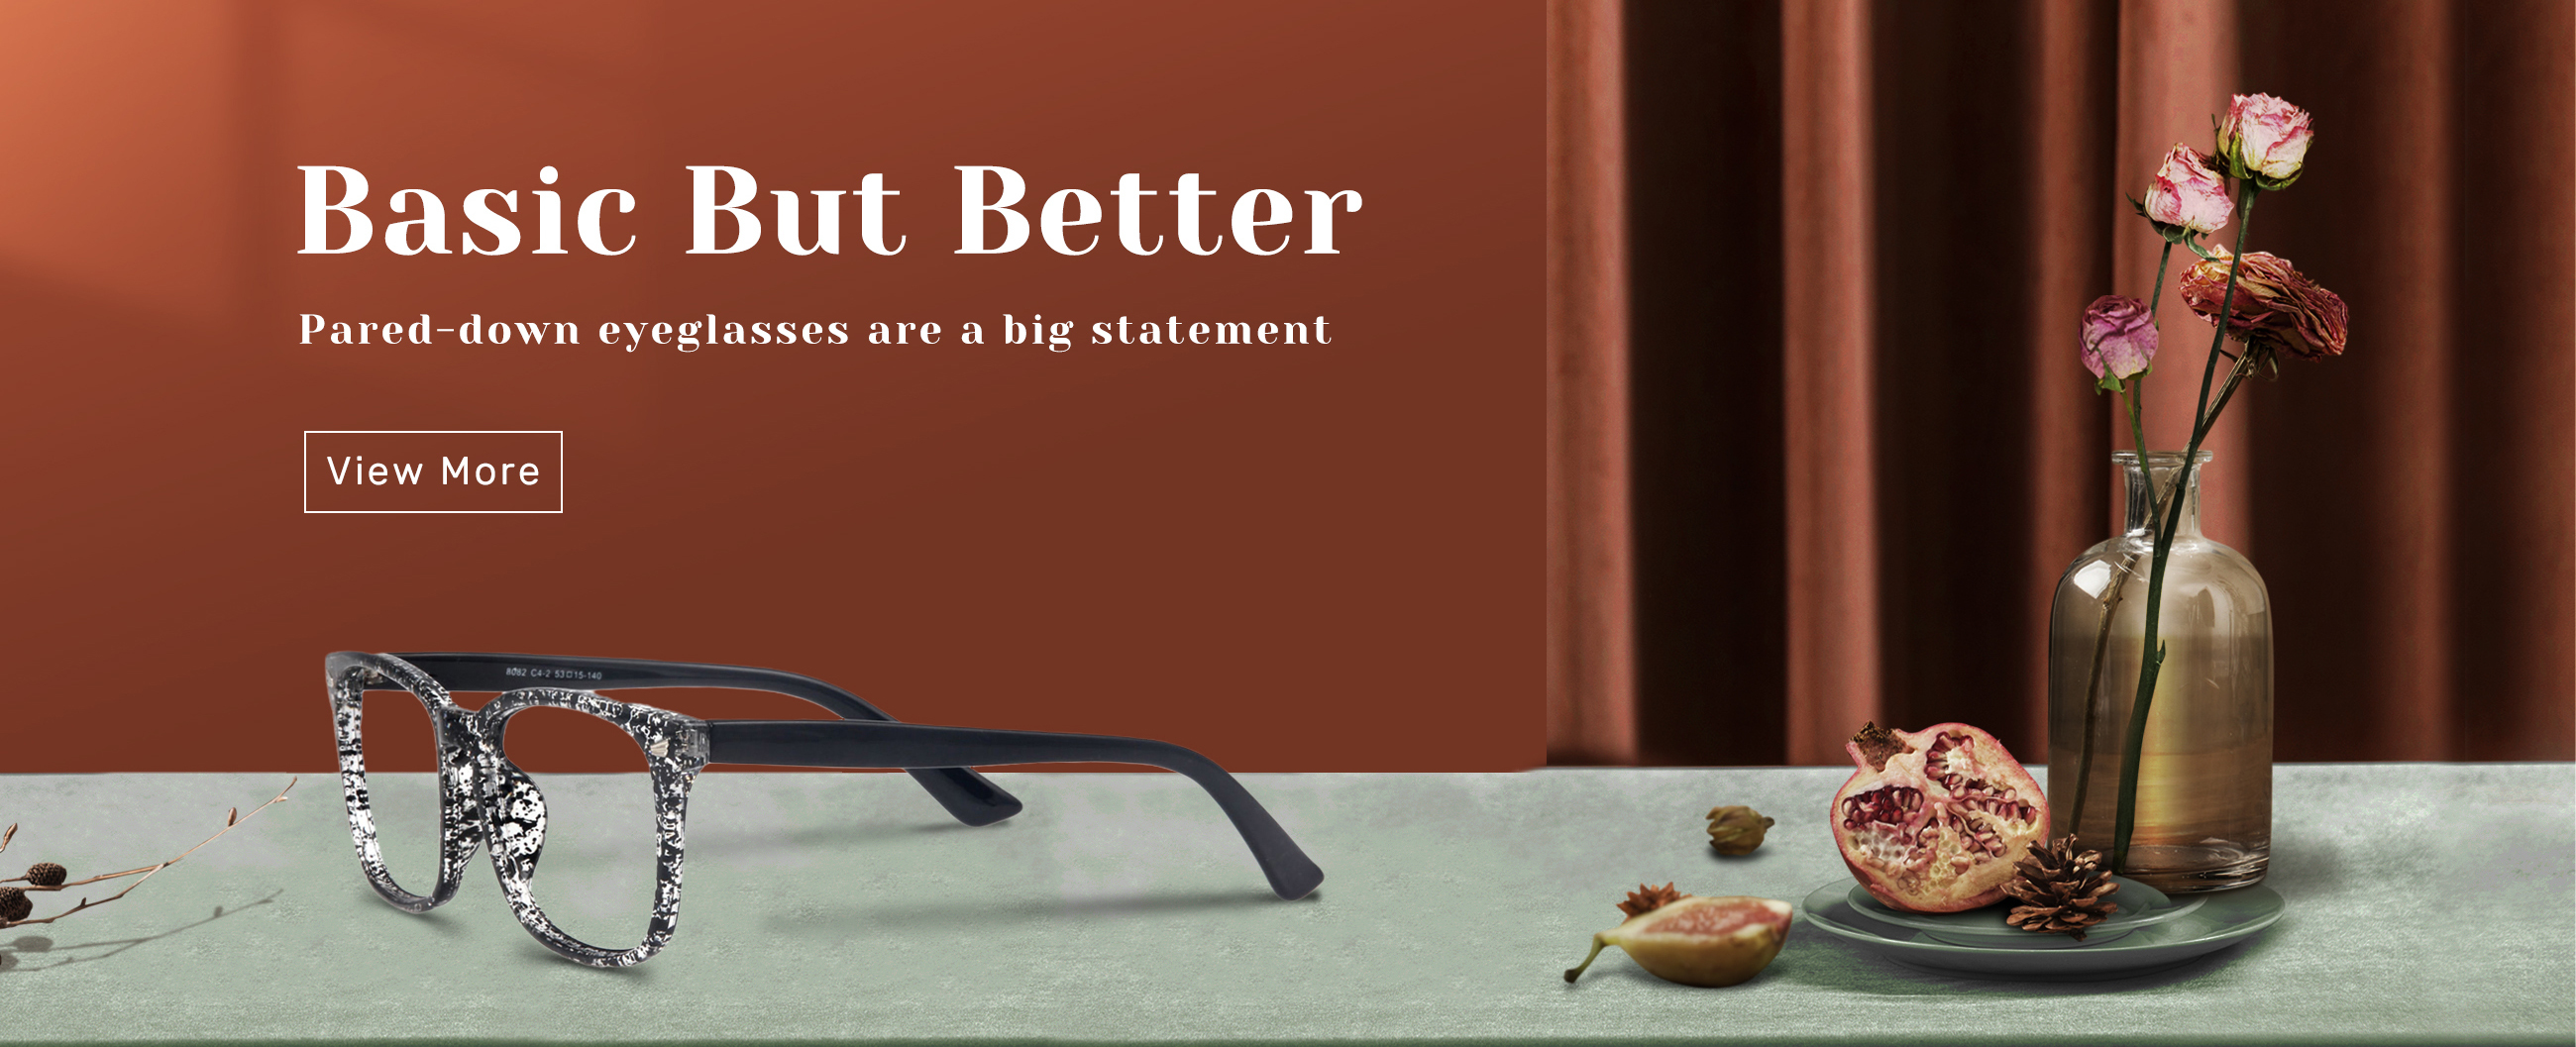 Eyeglass by basic